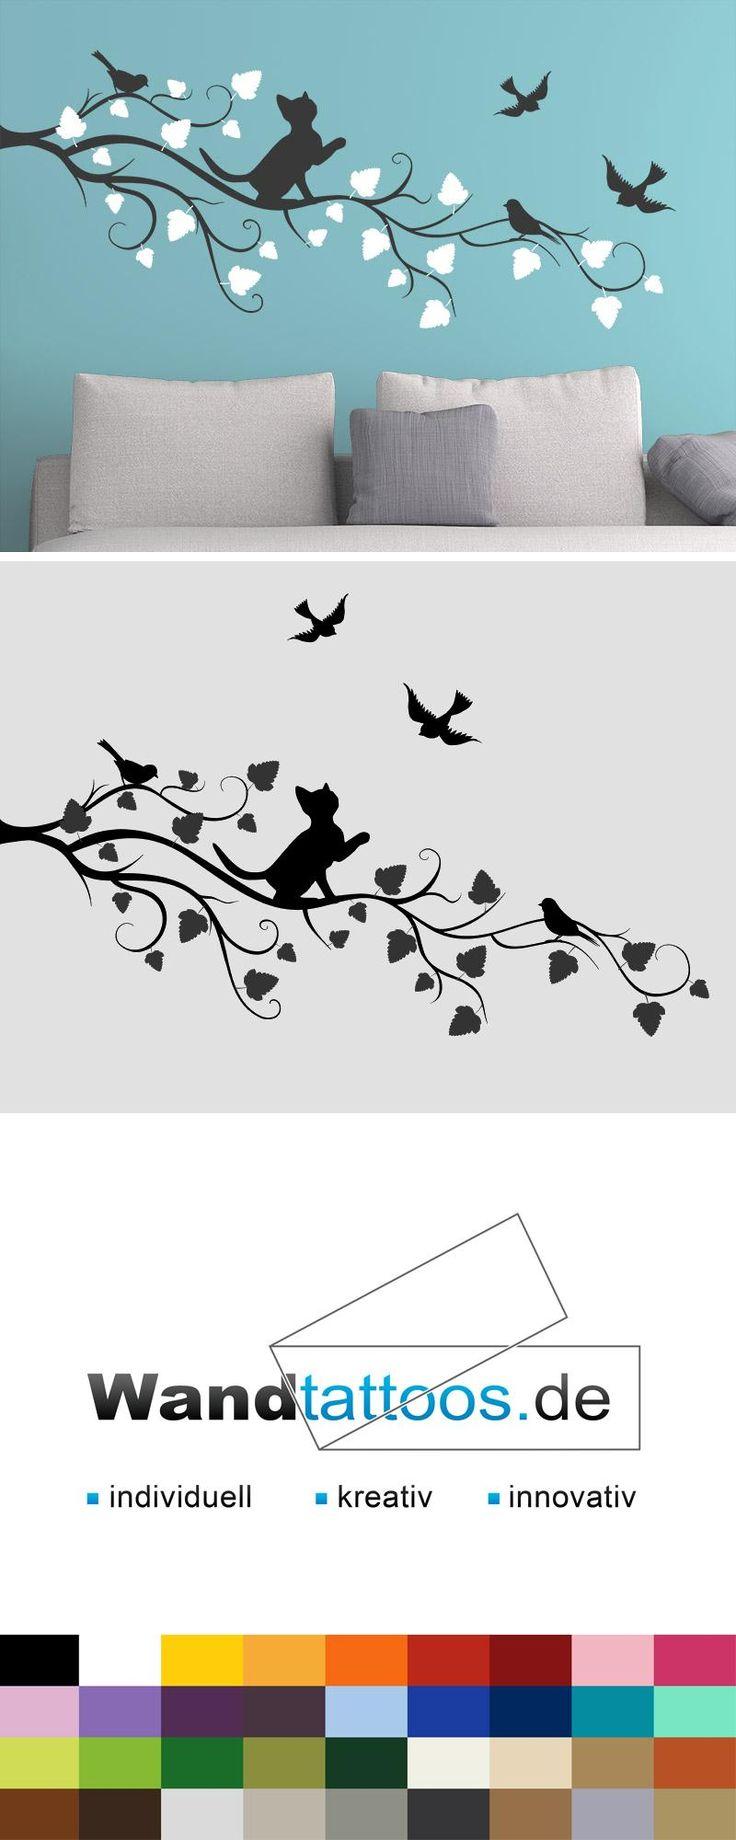 Wandtattoo Zweifarbiger Ast mit süßer Katze als Idee zur individuellen Wandgestaltung. Einfach Lieblingsfarbe und Größe auswählen. Weitere kreative Anregungen von Wandtattoos.de hier entdecken!